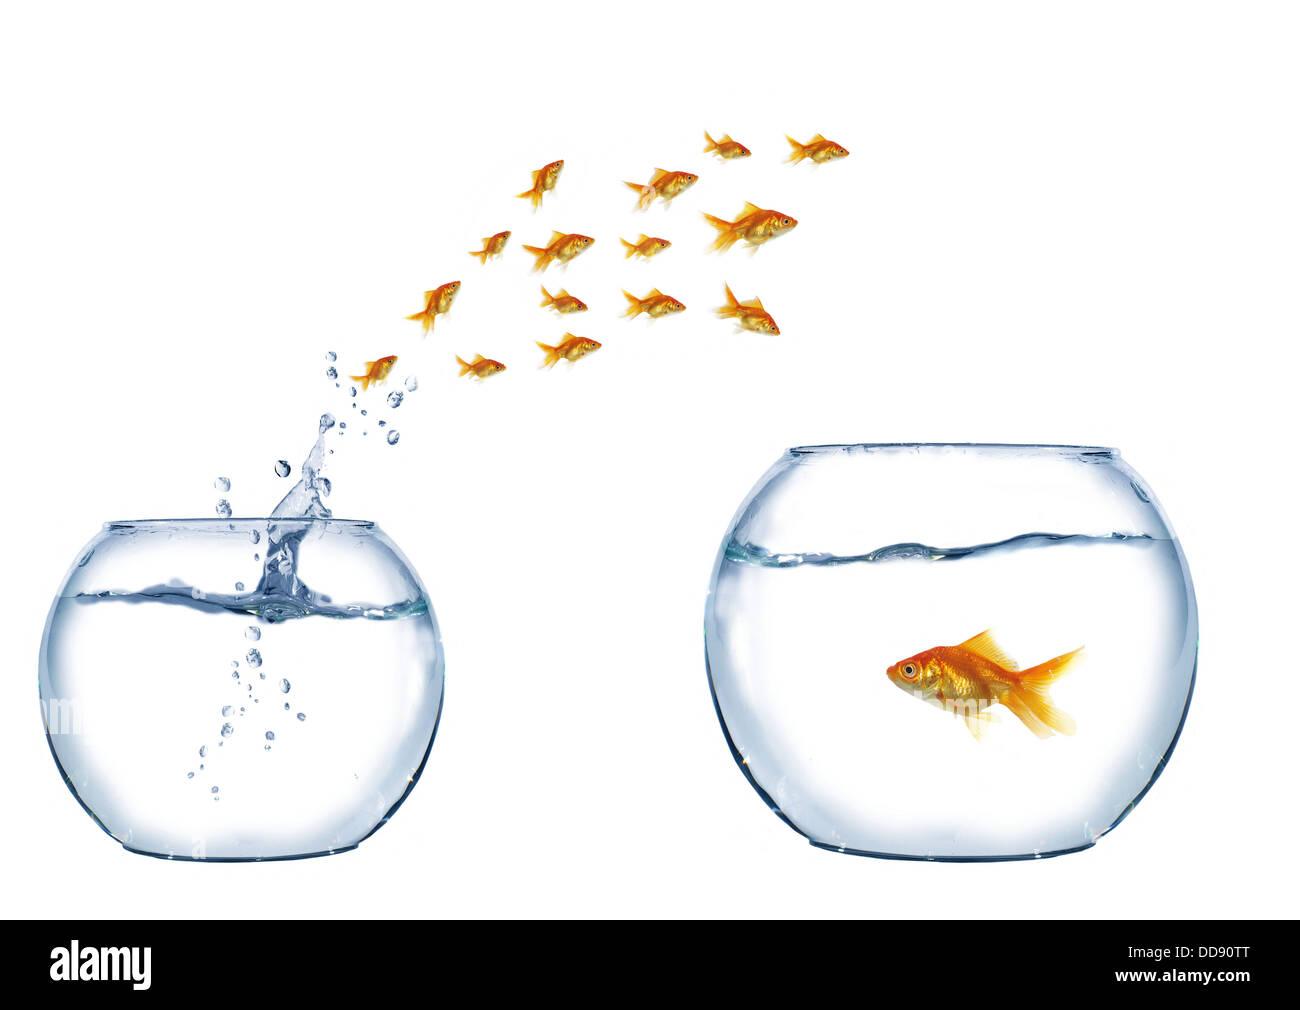 Gold Jump Over To Larger Aquarium Fish Stock Photo 59819896 Alamy